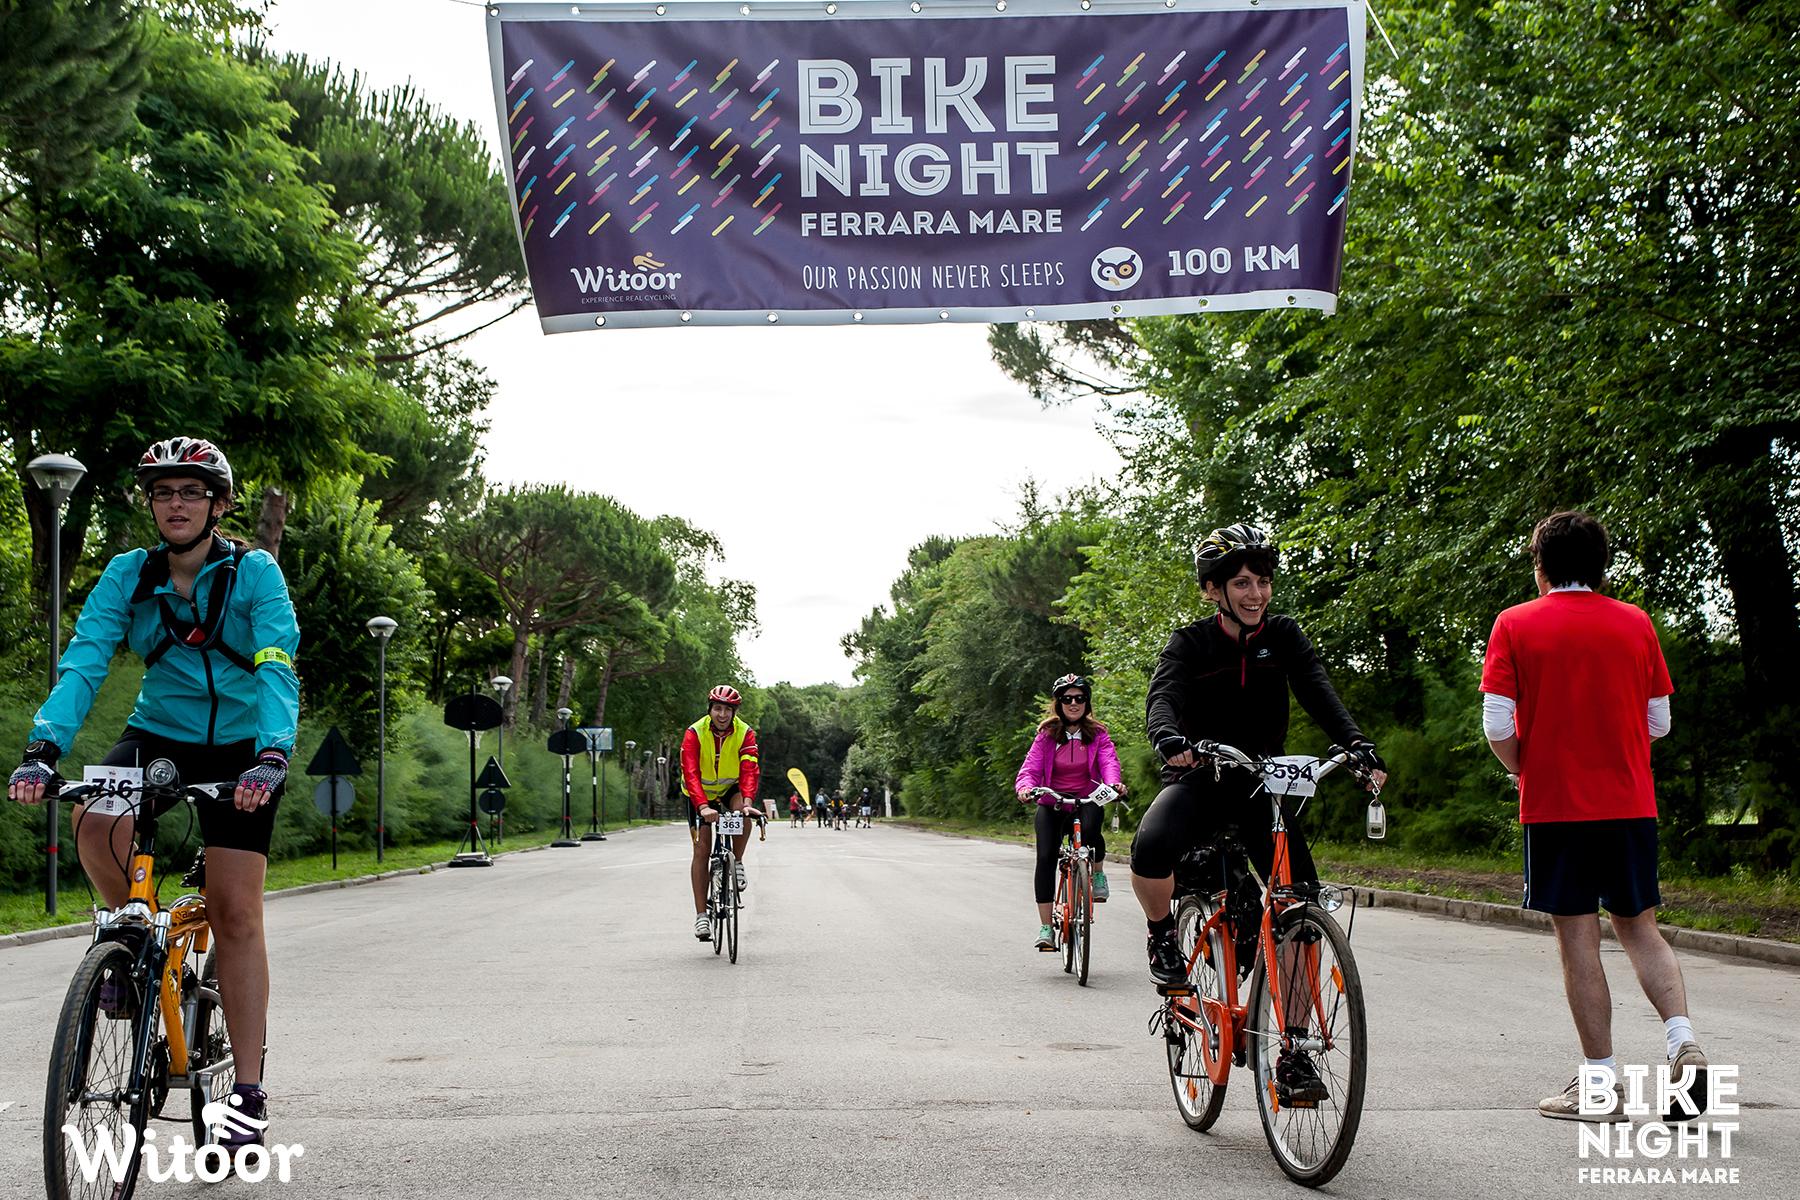 x bike ferrara - photo#31